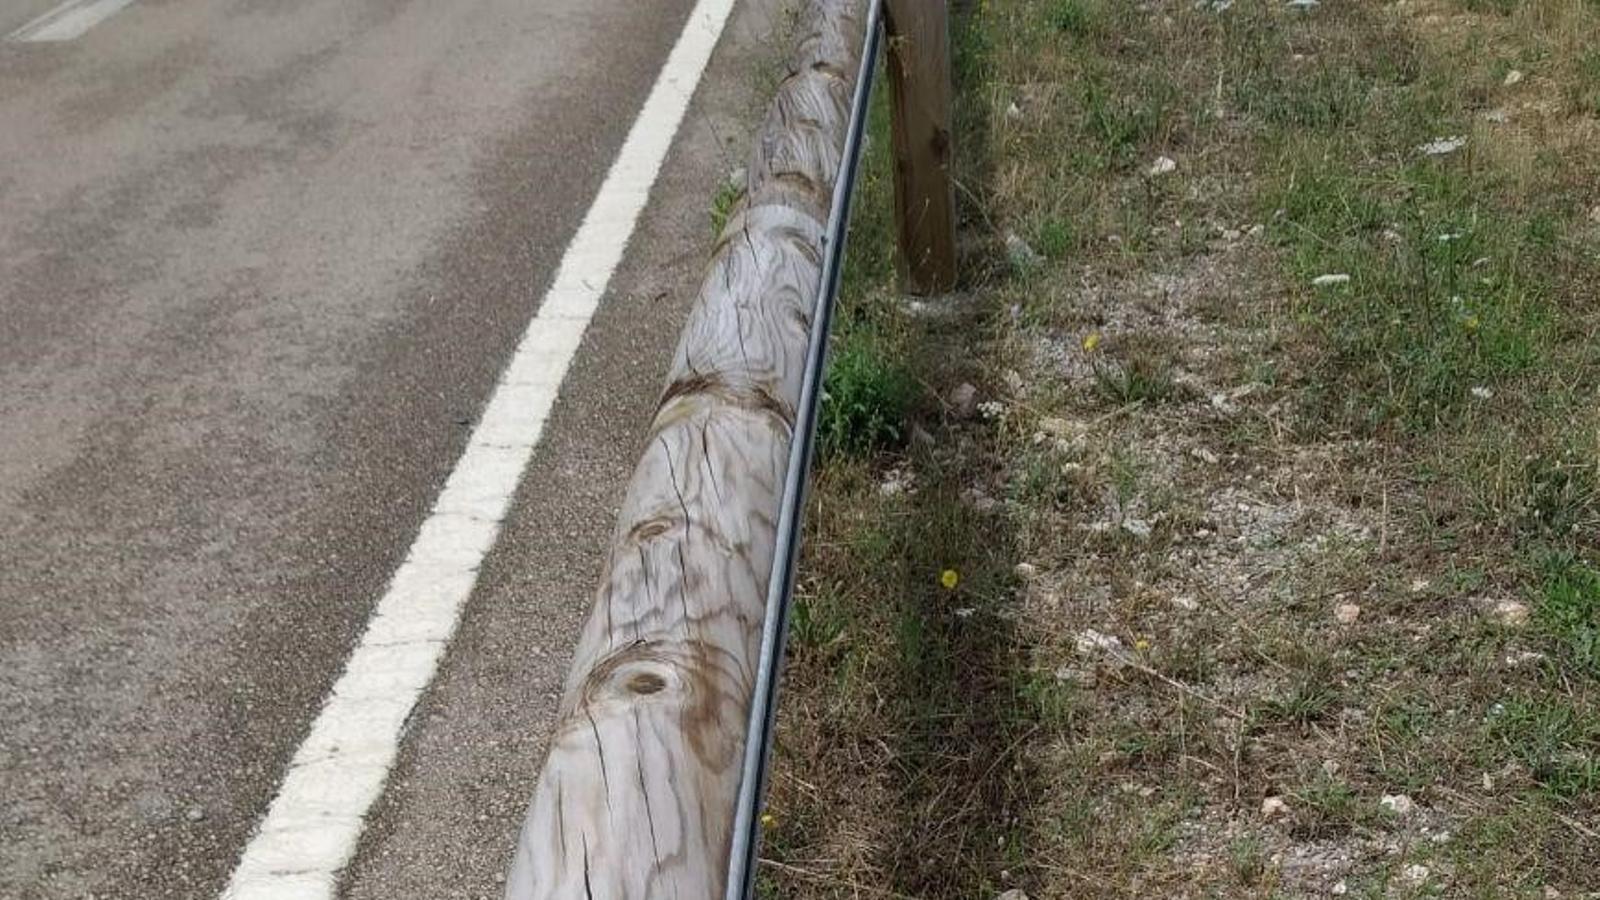 El Consell Executiu ha aprovat aquest dimecres l'expedient de contractació de les obres del projecte d'instal·lació de barreres de fusta./ CONSELL DE MALLORCA